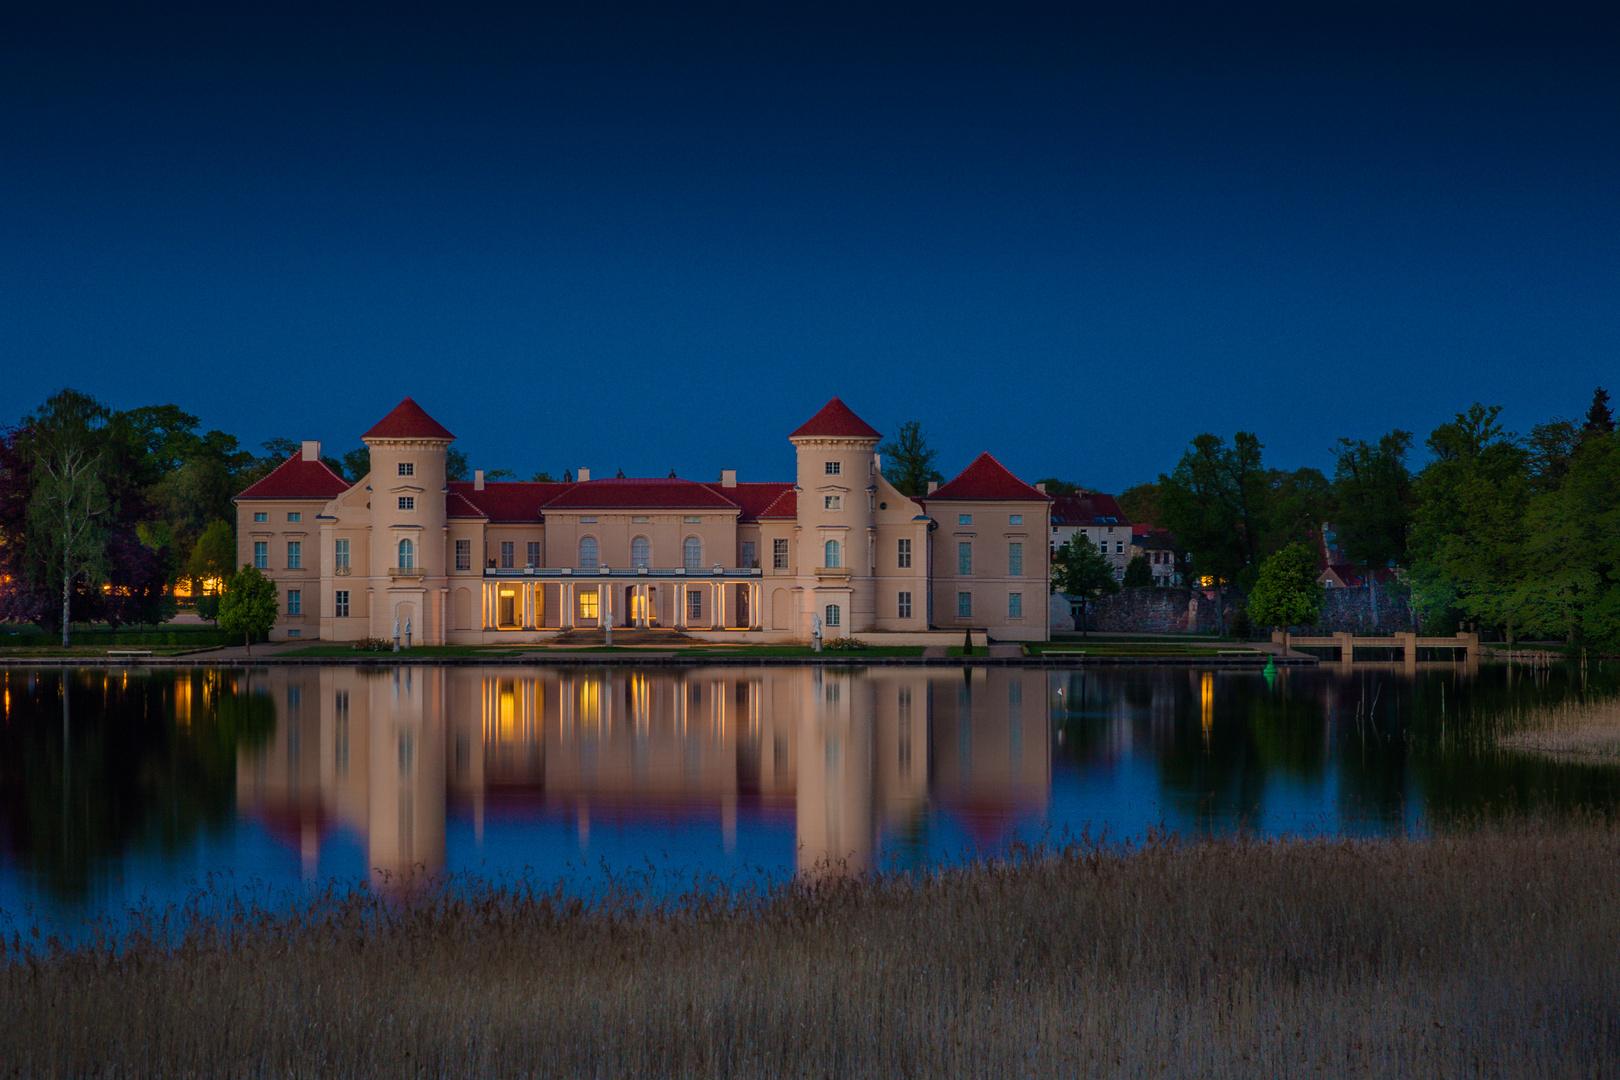 Das Schloss zu Rheinsberg